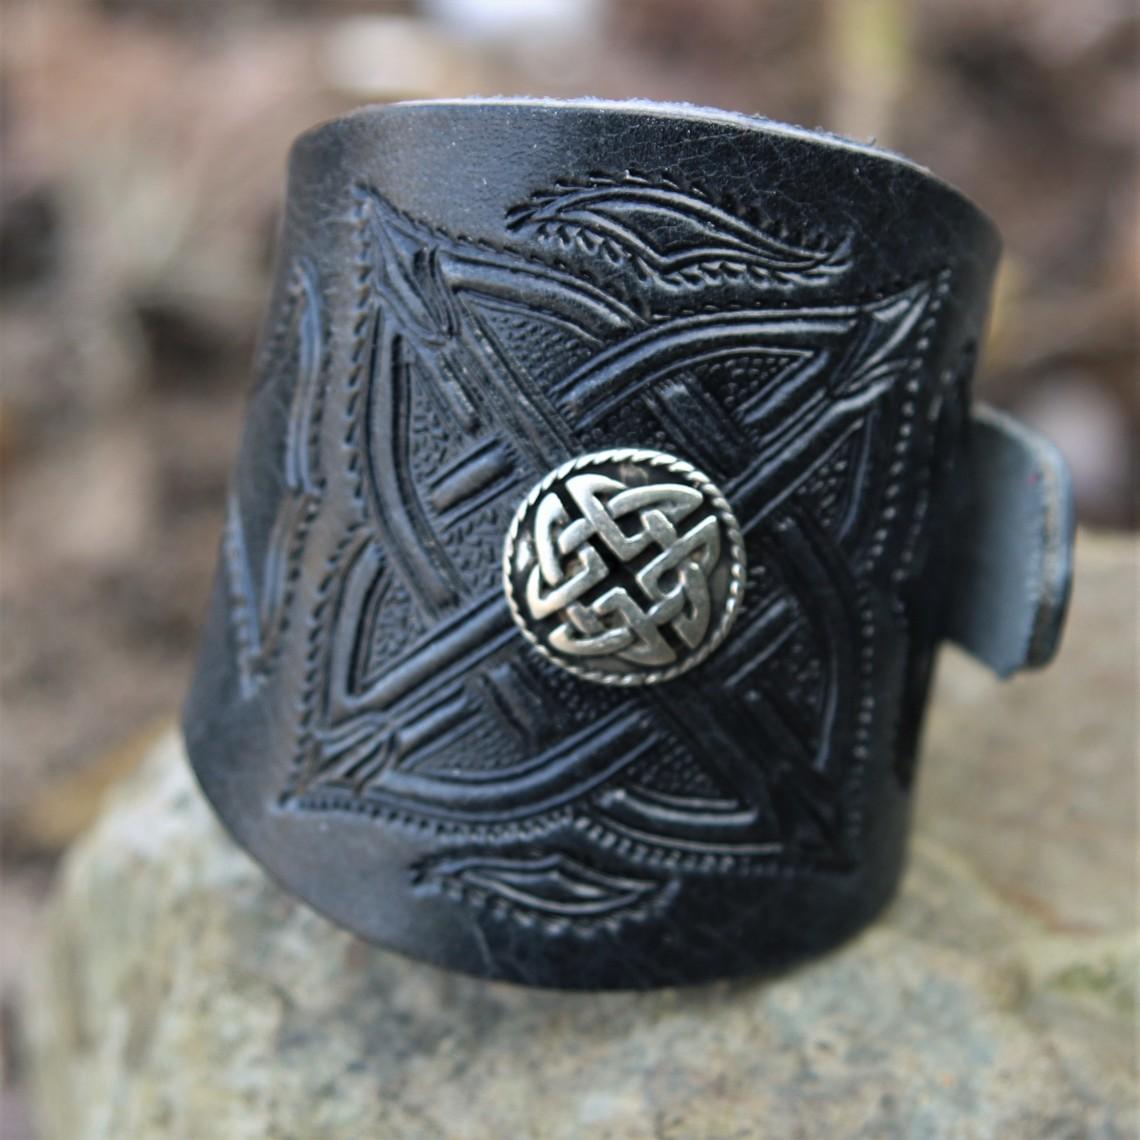 Keltische leren armband met gespen, zwart